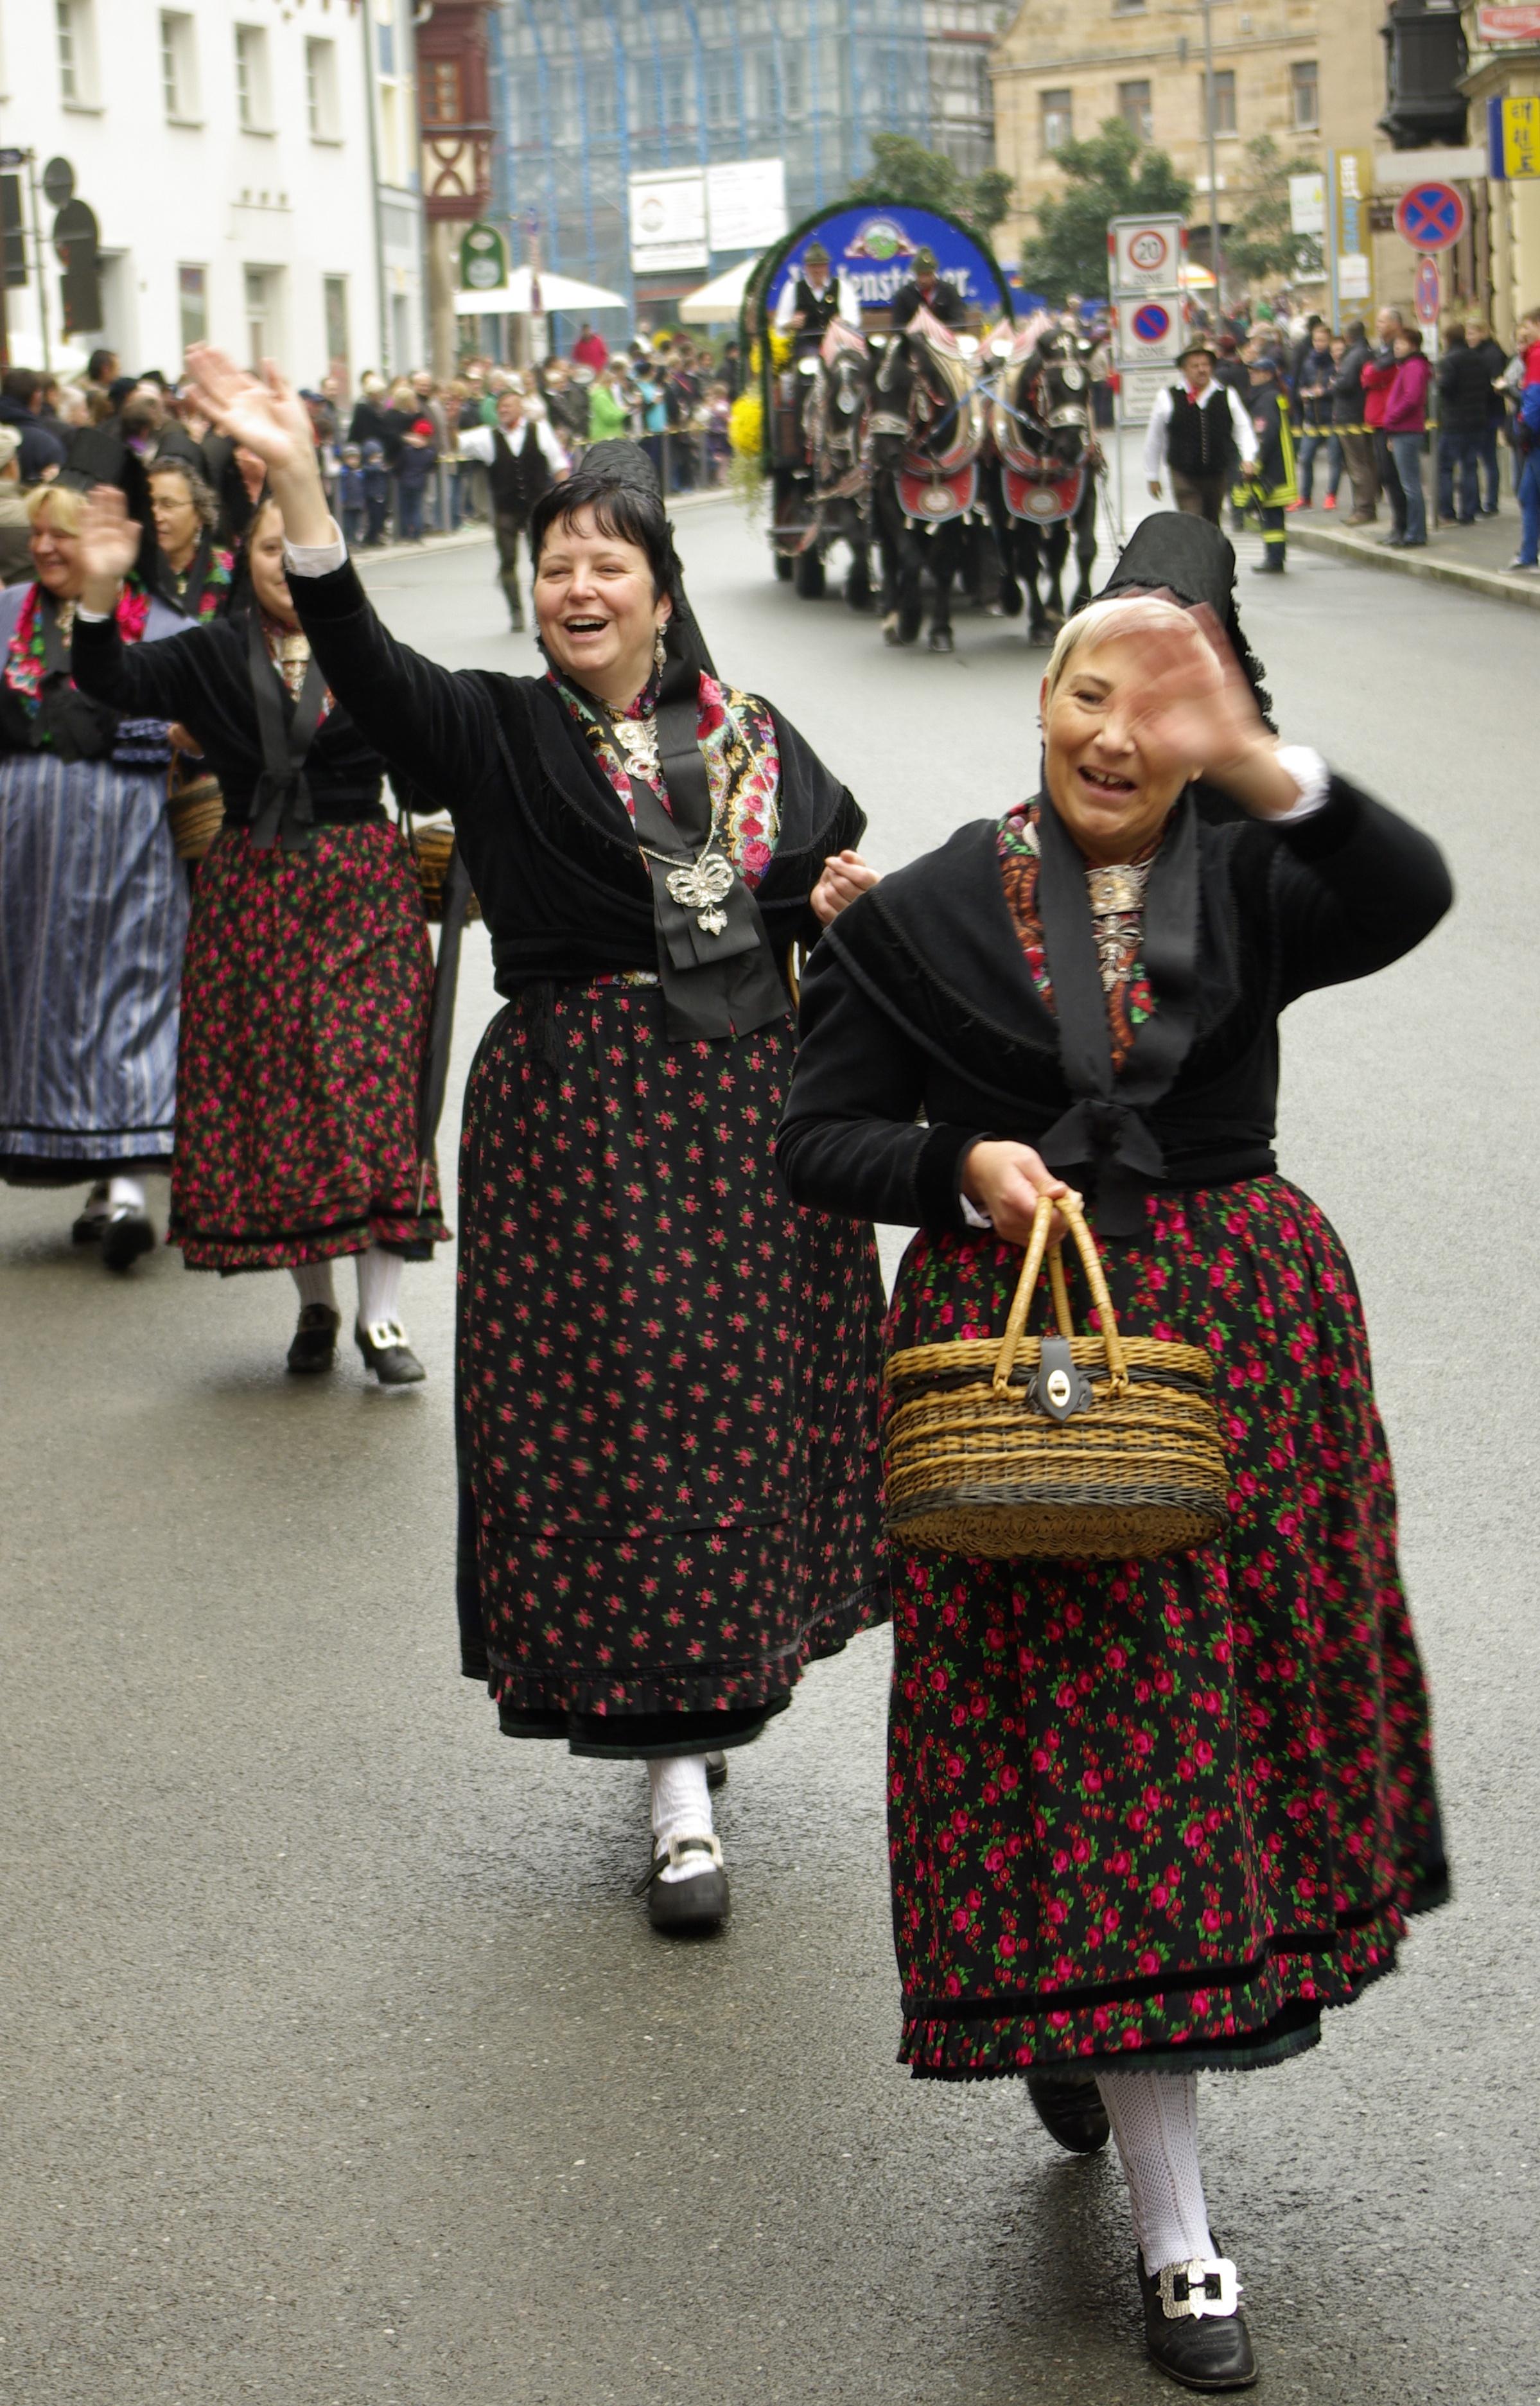 Neundorf Tracht or Folk clothing